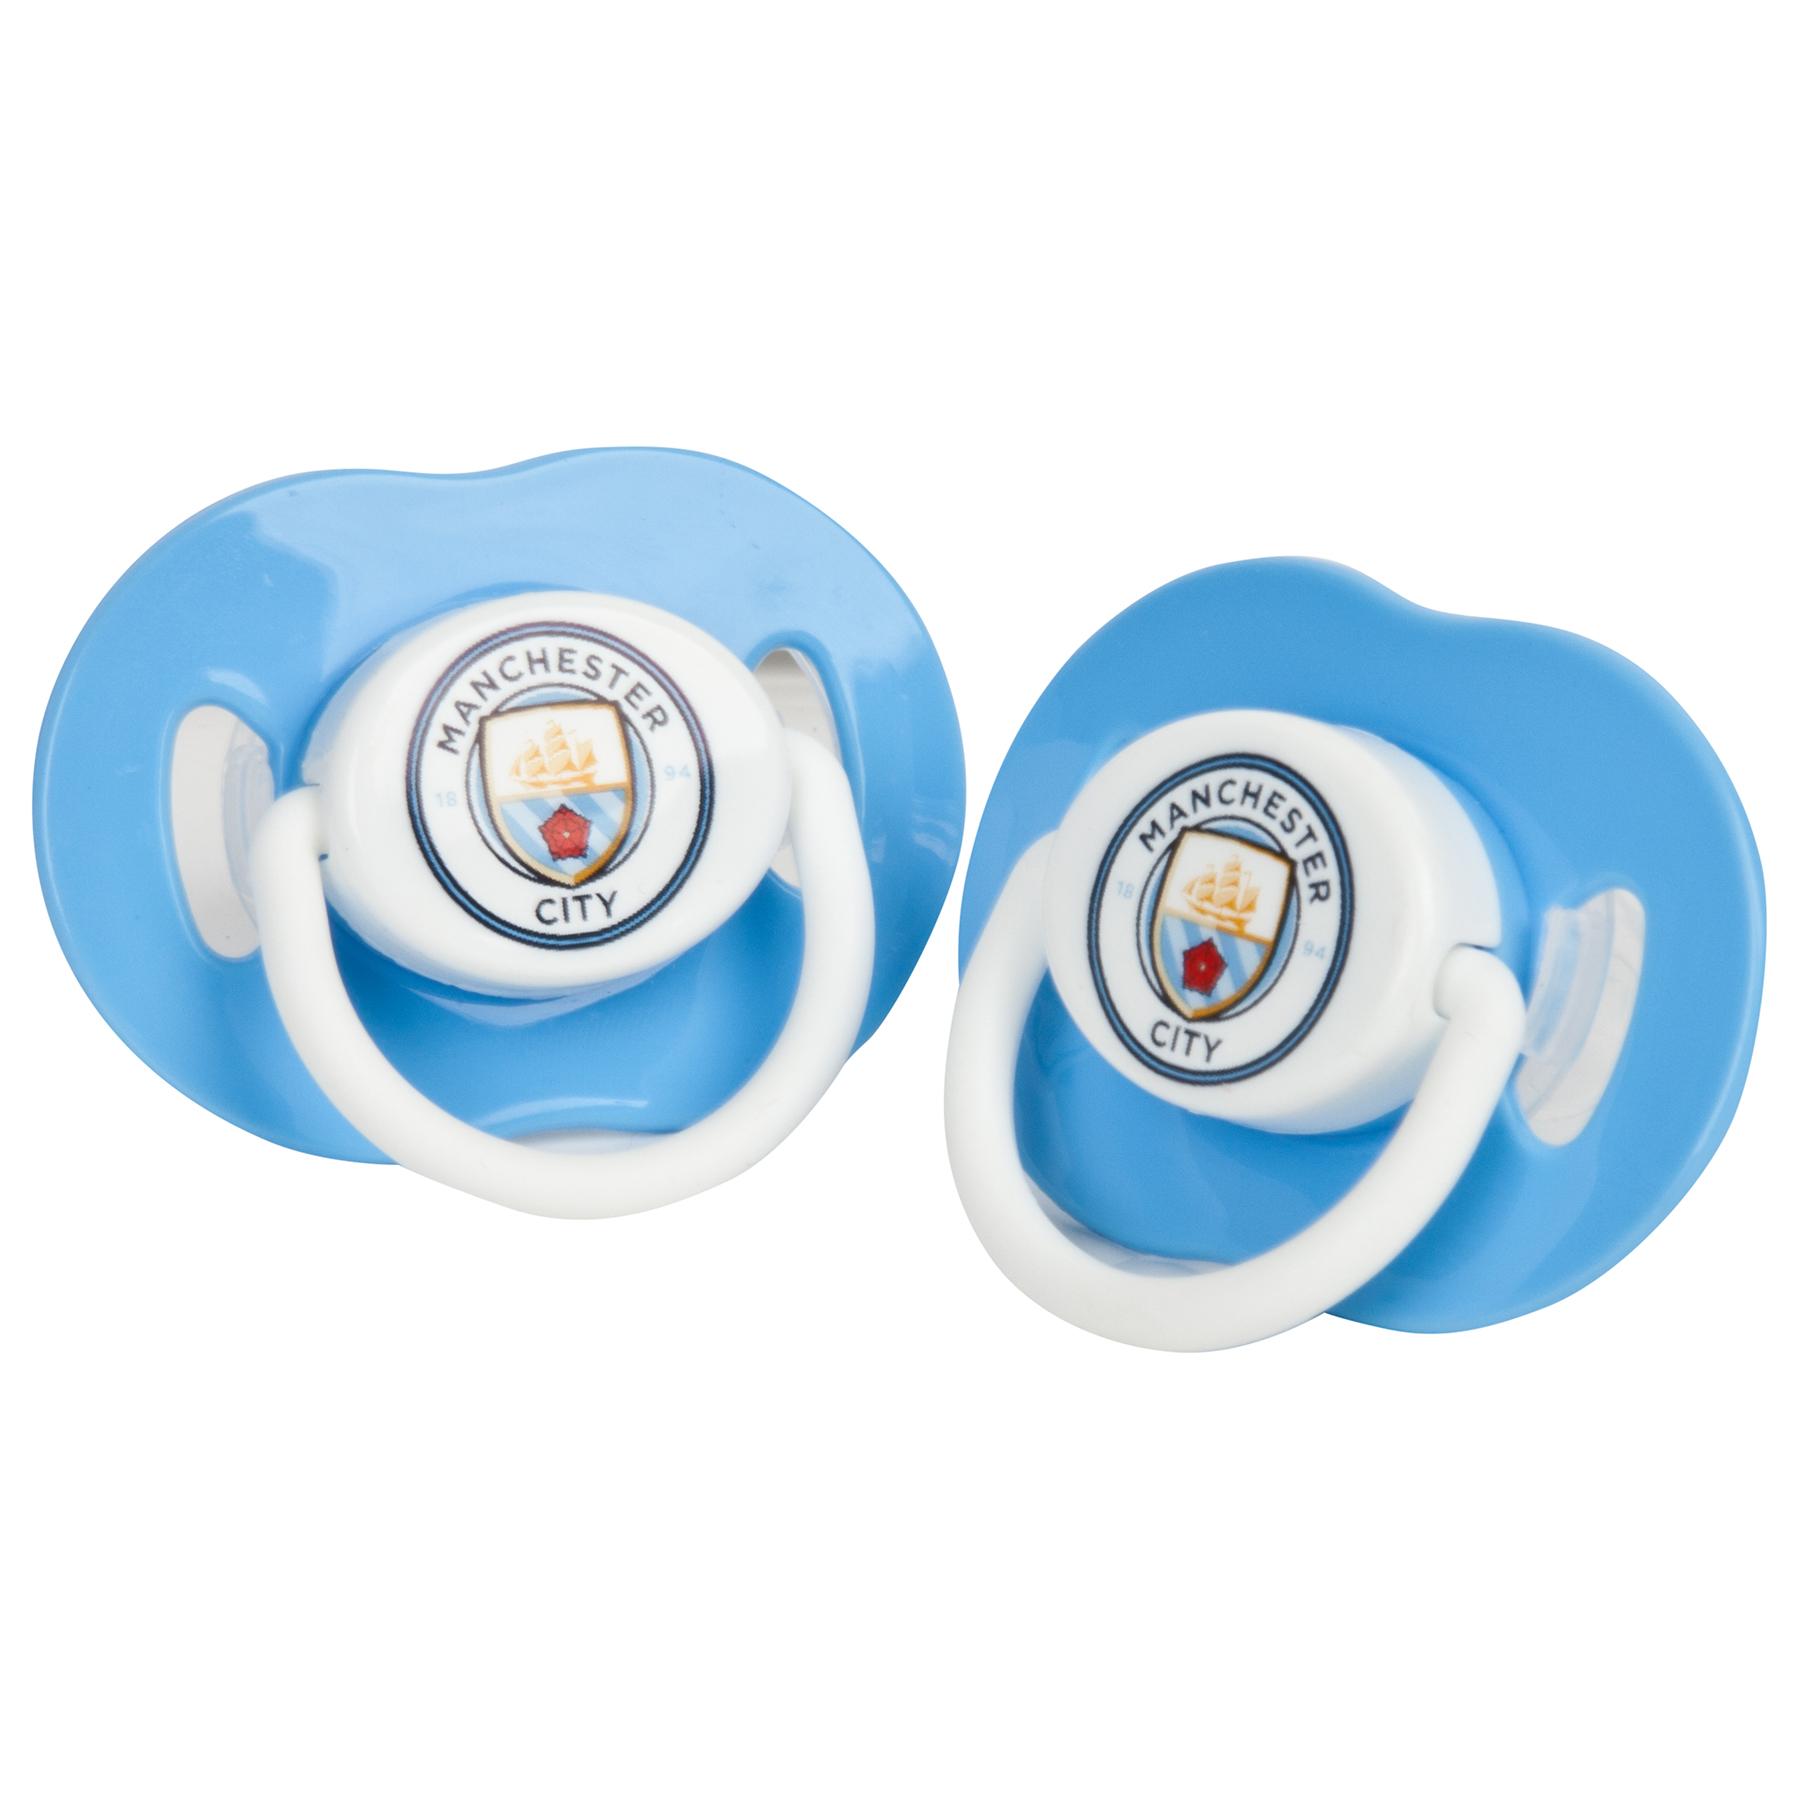 Chupetes del Manchester City - Paquete con 2 unidades